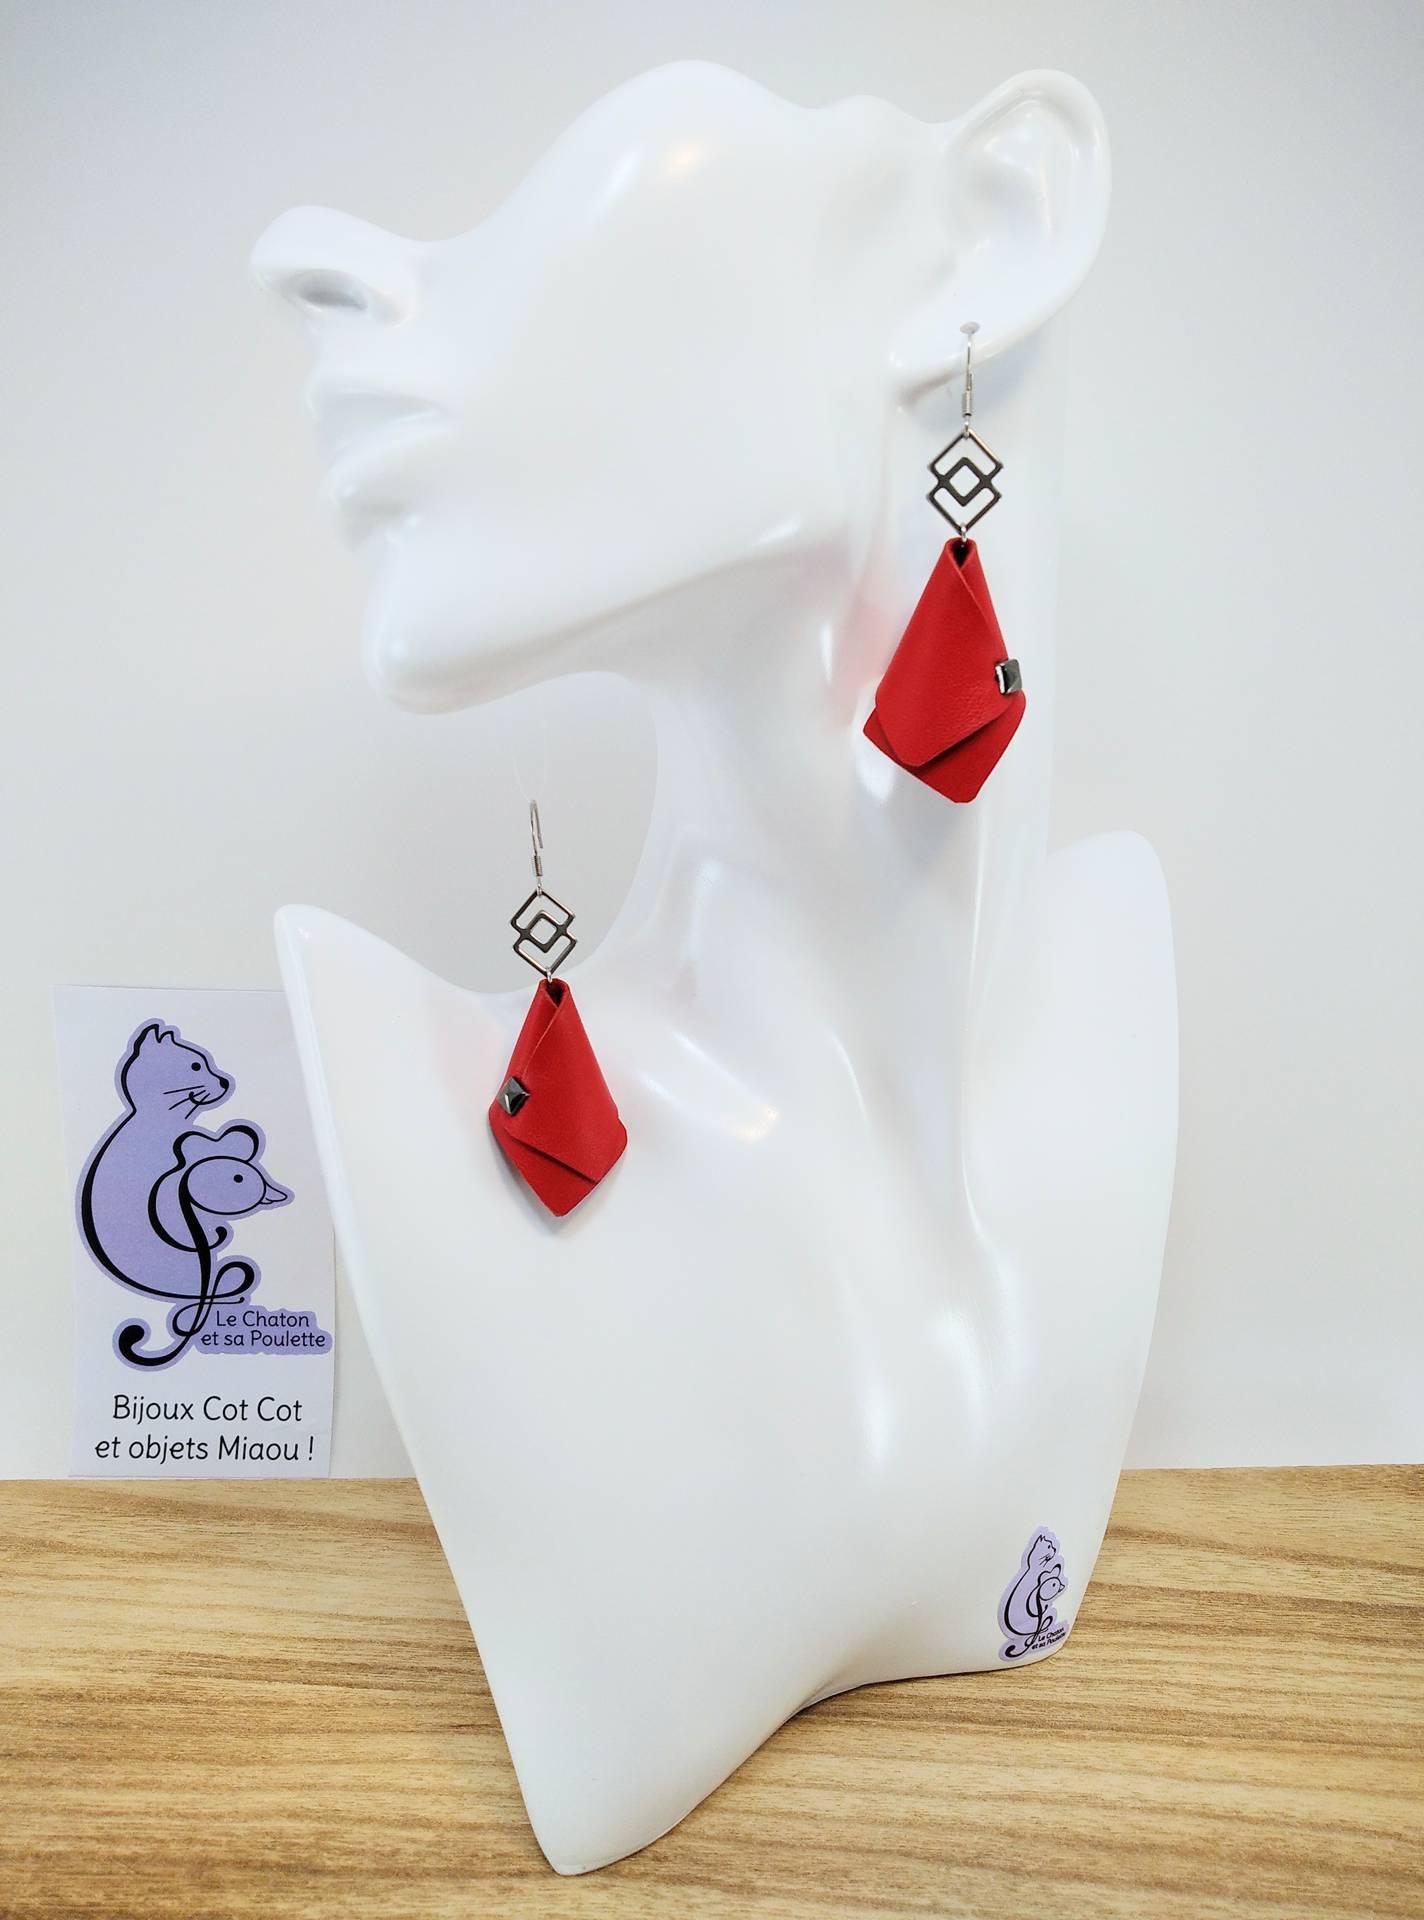 VENDUES ! BO FORMIDABLE modèle VAL Cuir rouge, breloque inox carrés entrelacés et carré diamant laiton noir